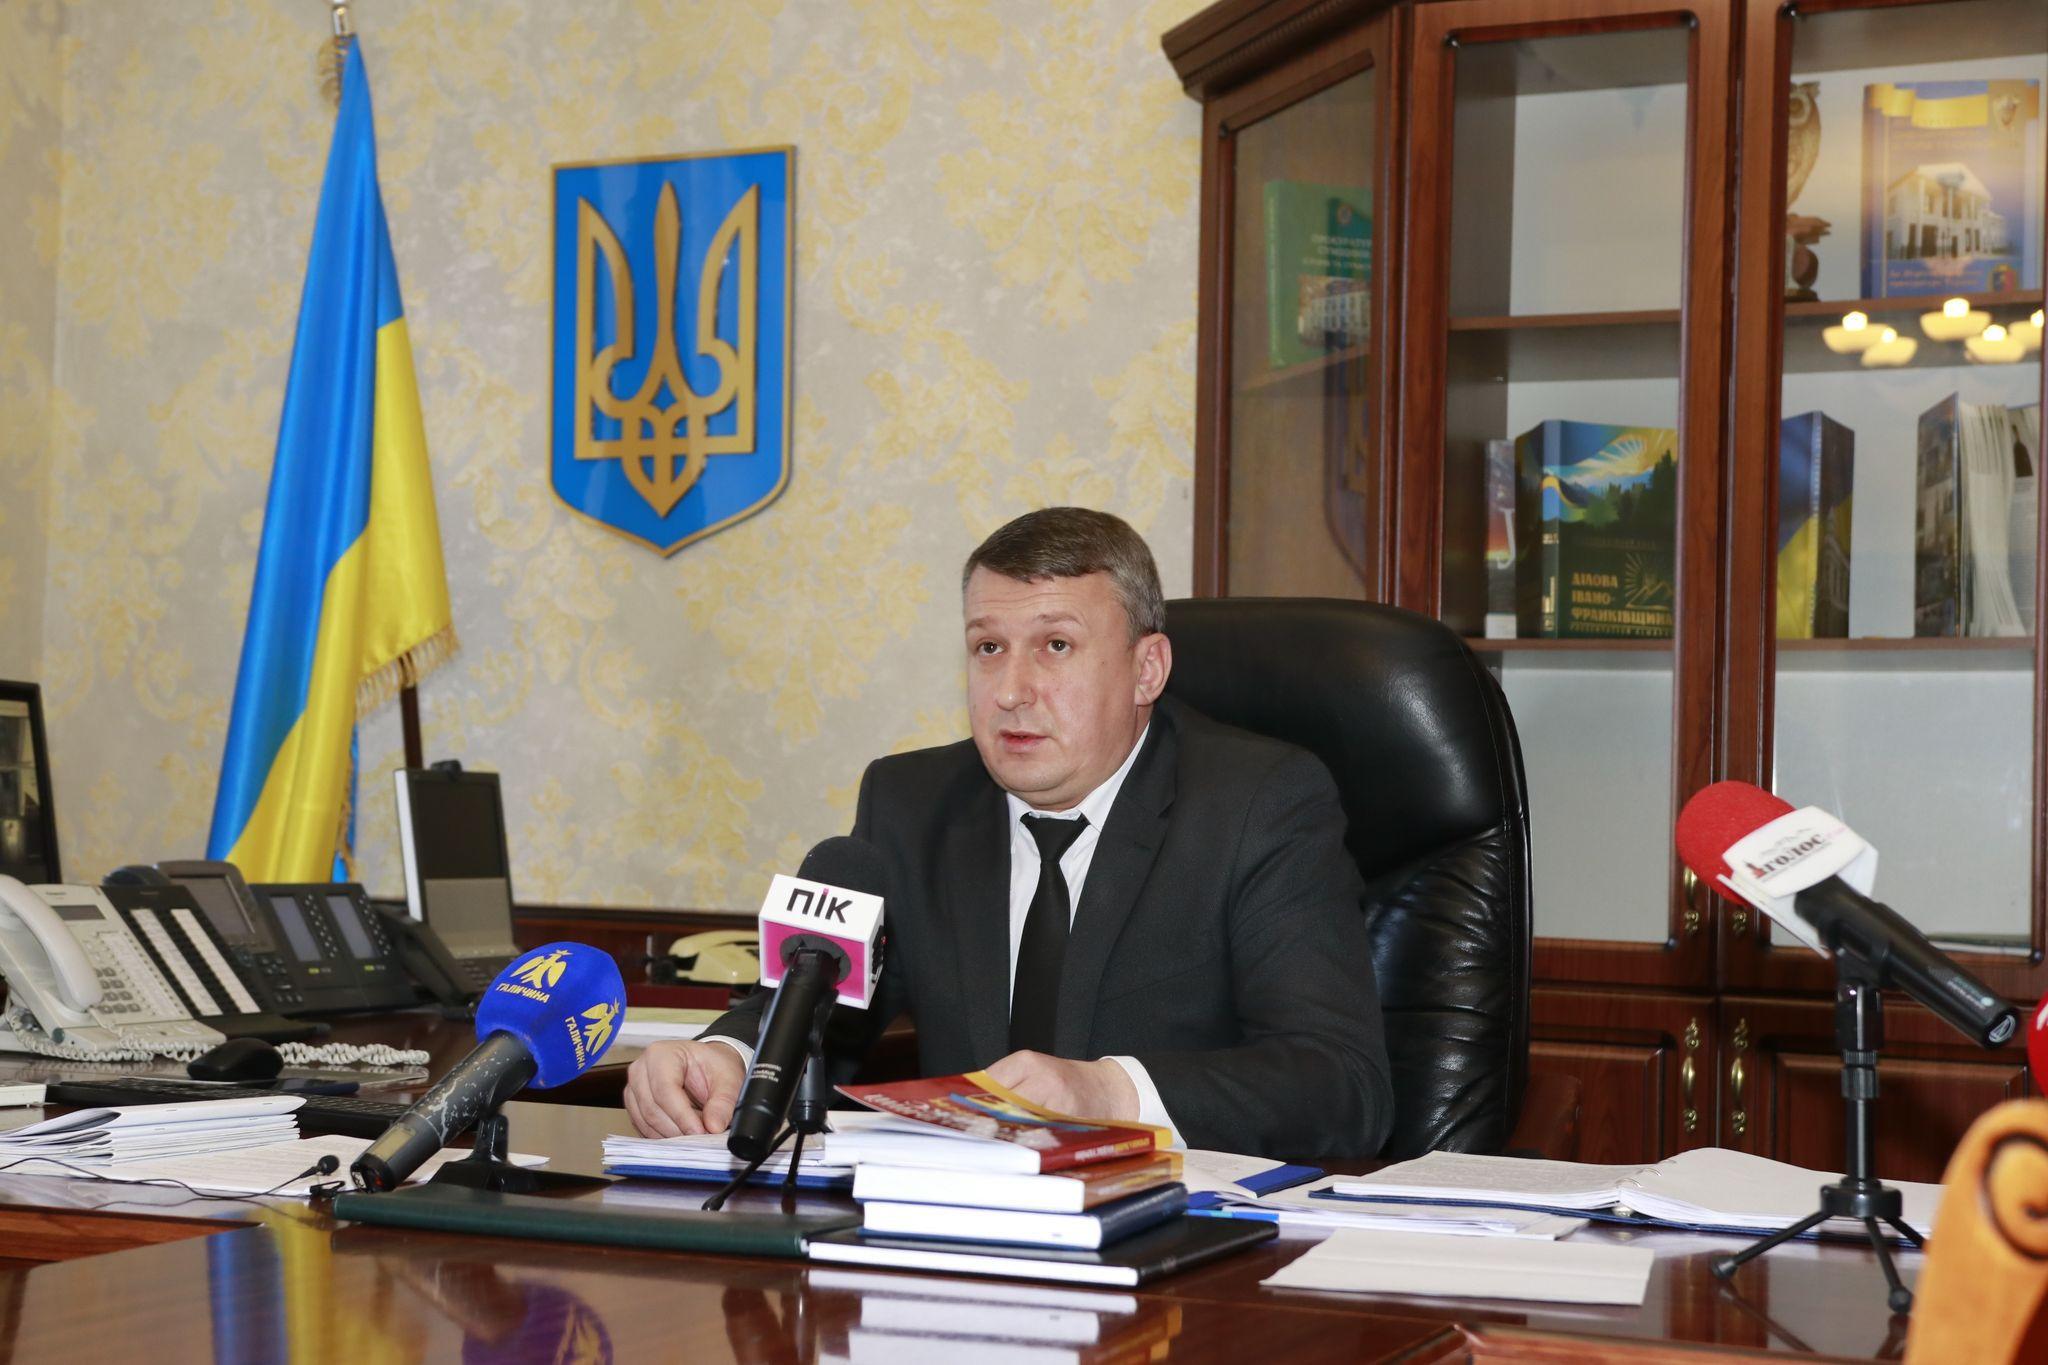 Івано-Франківщина: Відкрито кримінальні провадження